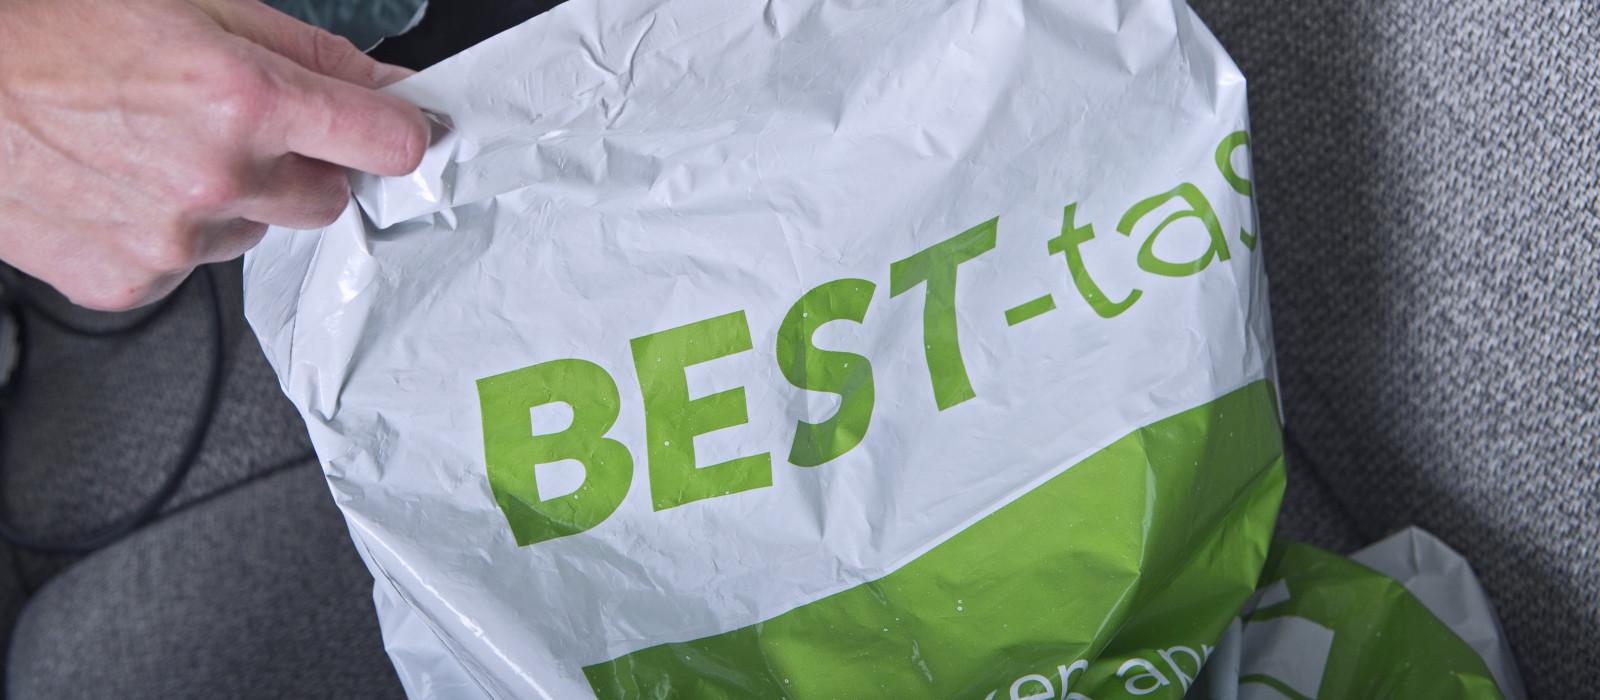 Inzameling BEST-tas gemeente Lochem